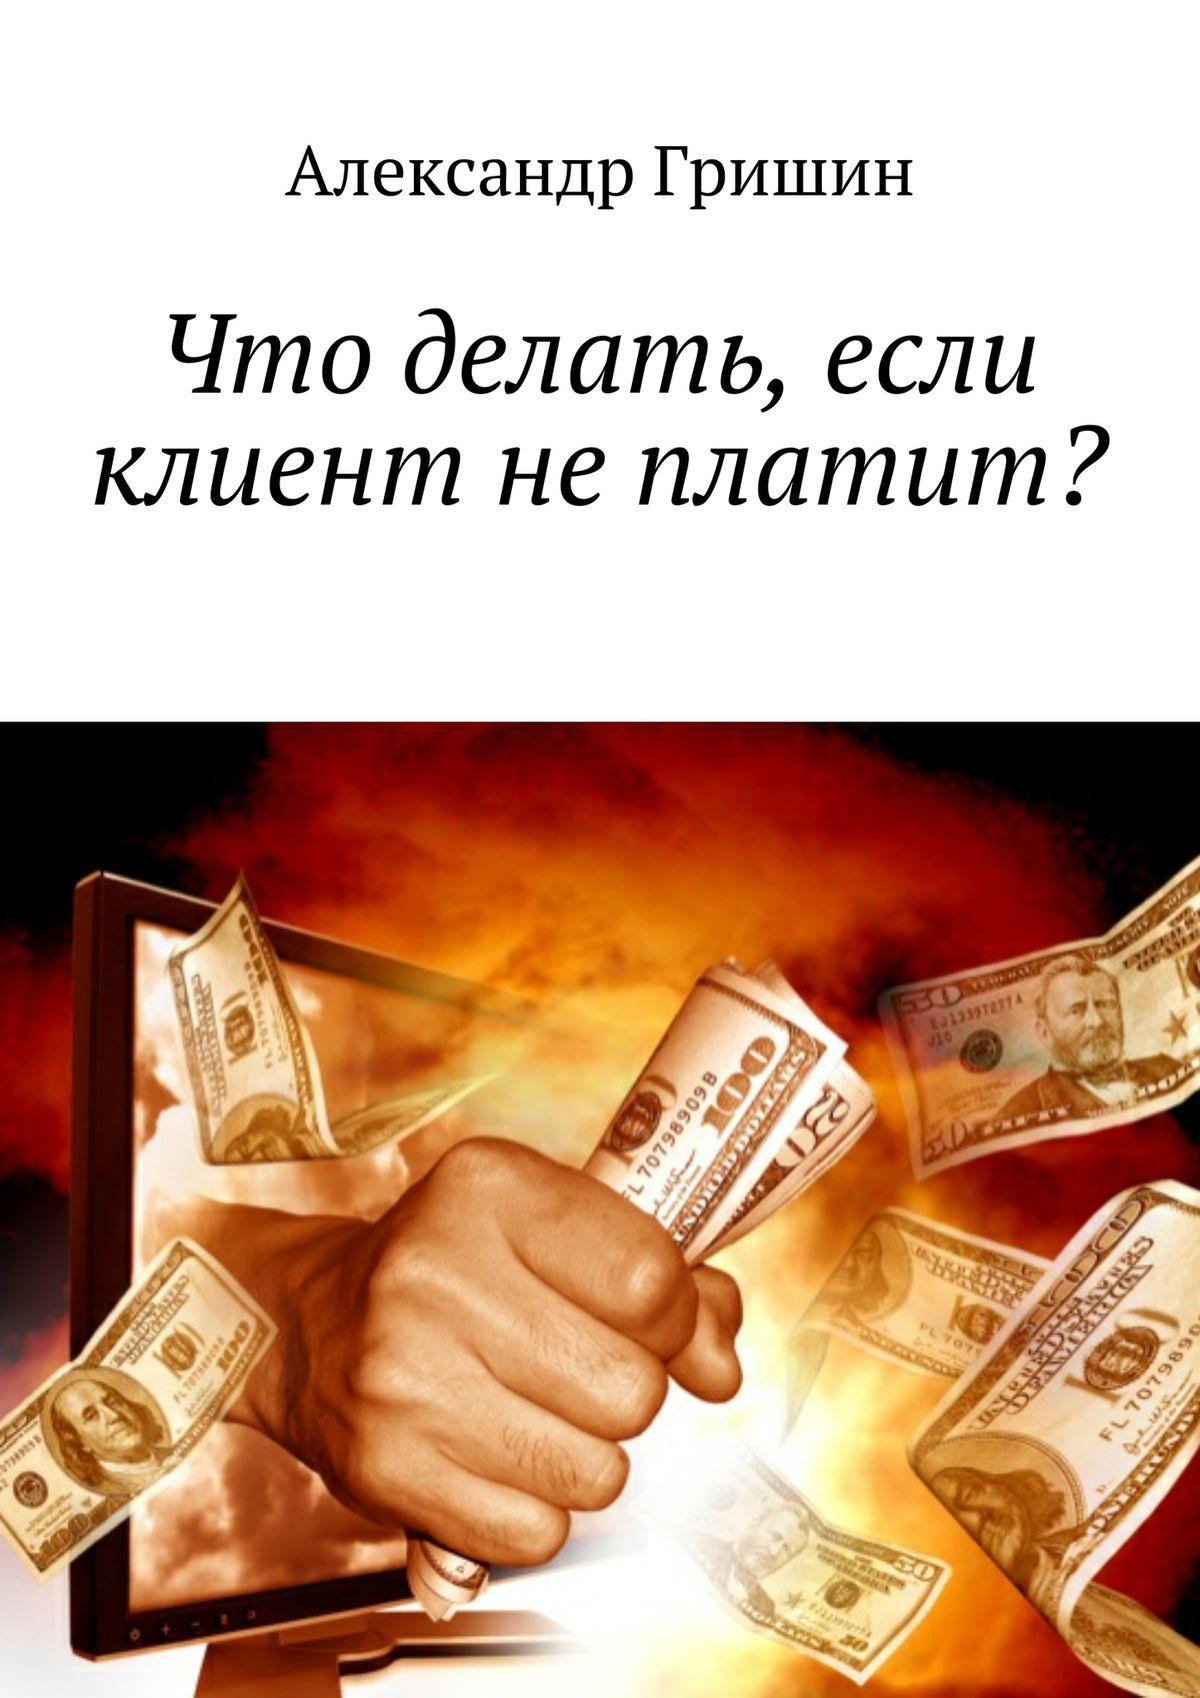 Александр Гришин Что делать, если клиент неплатит?